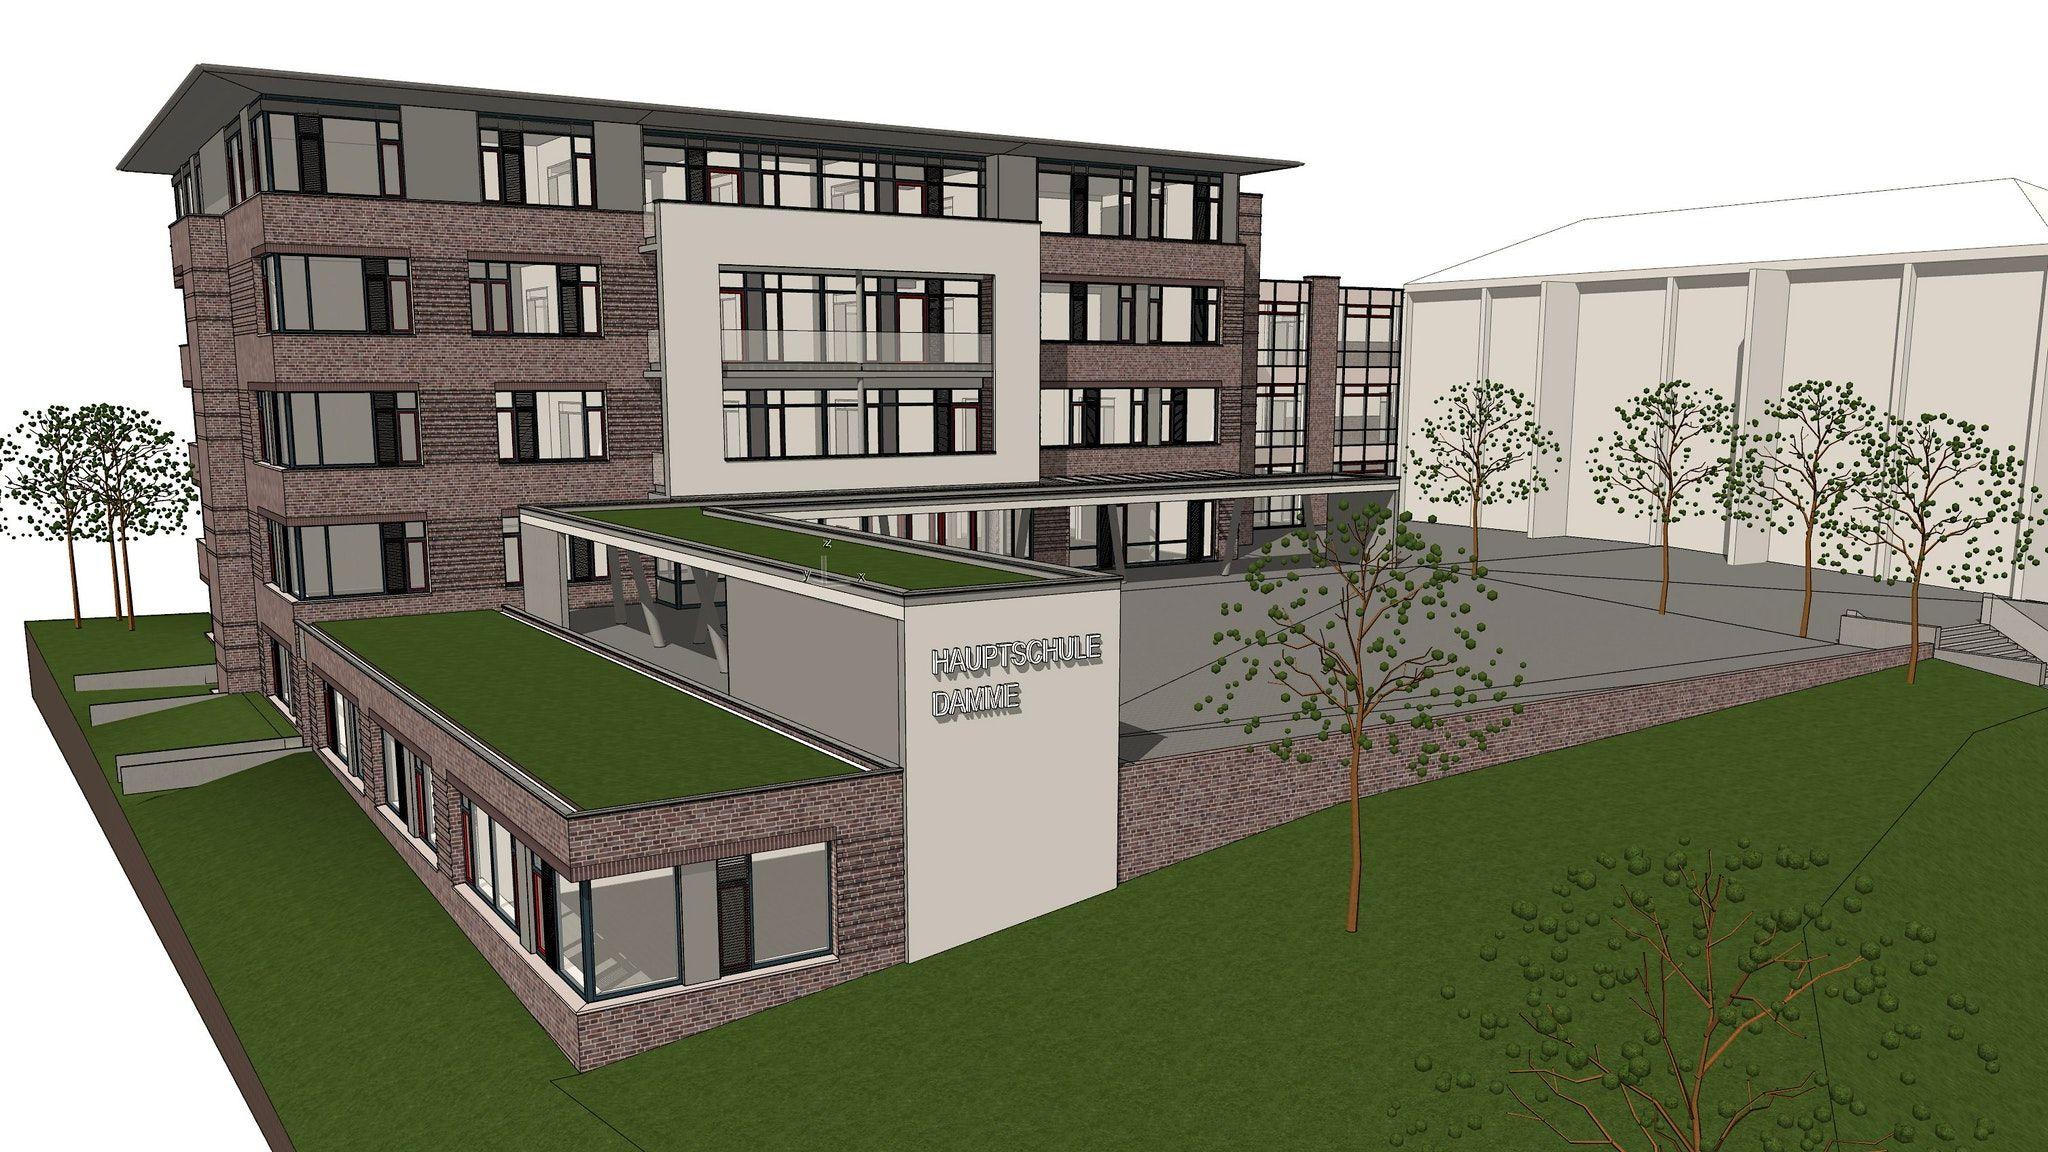 Teuer aber nötig: Obwohl die Kosten weit über das Erwartete herausragen, sind sich die Ratsmitglieder einig; das Gebäude soll entstehen. Entwurf: Bocklage und Buddelmeyer